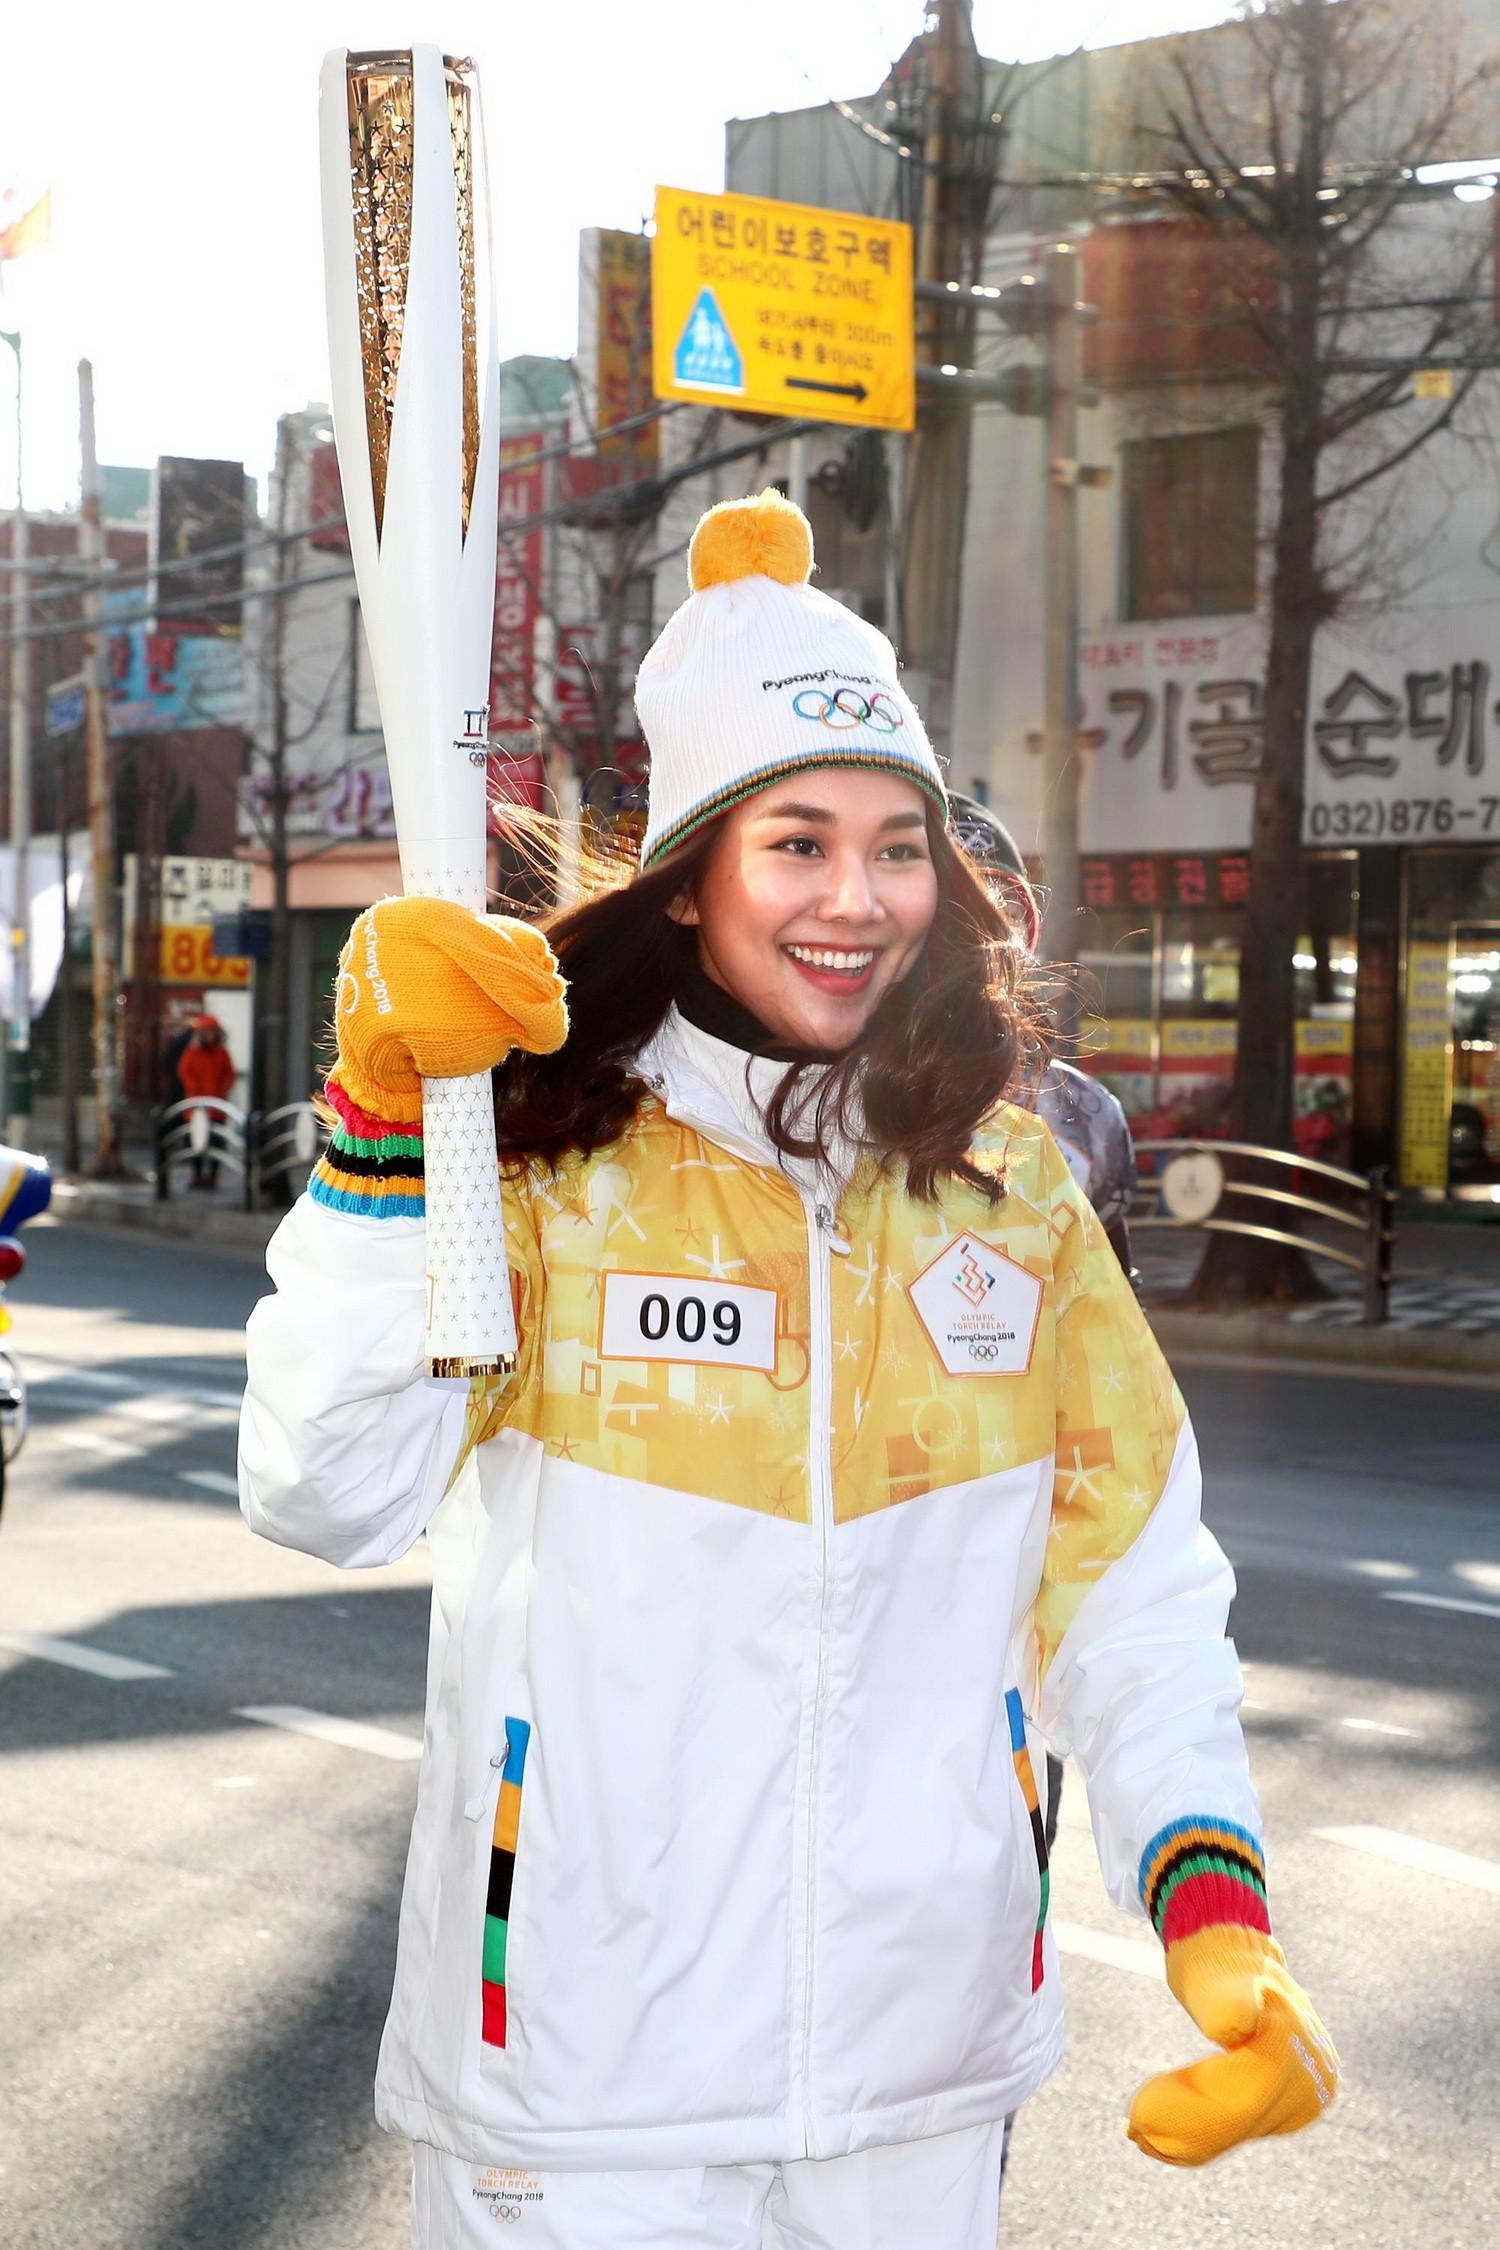 Trời lạnh -10 độ, Thanh Hằng vẫn đẹp rạng rỡ đi rước đuốc ở Thế vận hội mùa đông 2018 tại Hàn Quốc - Ảnh 3.